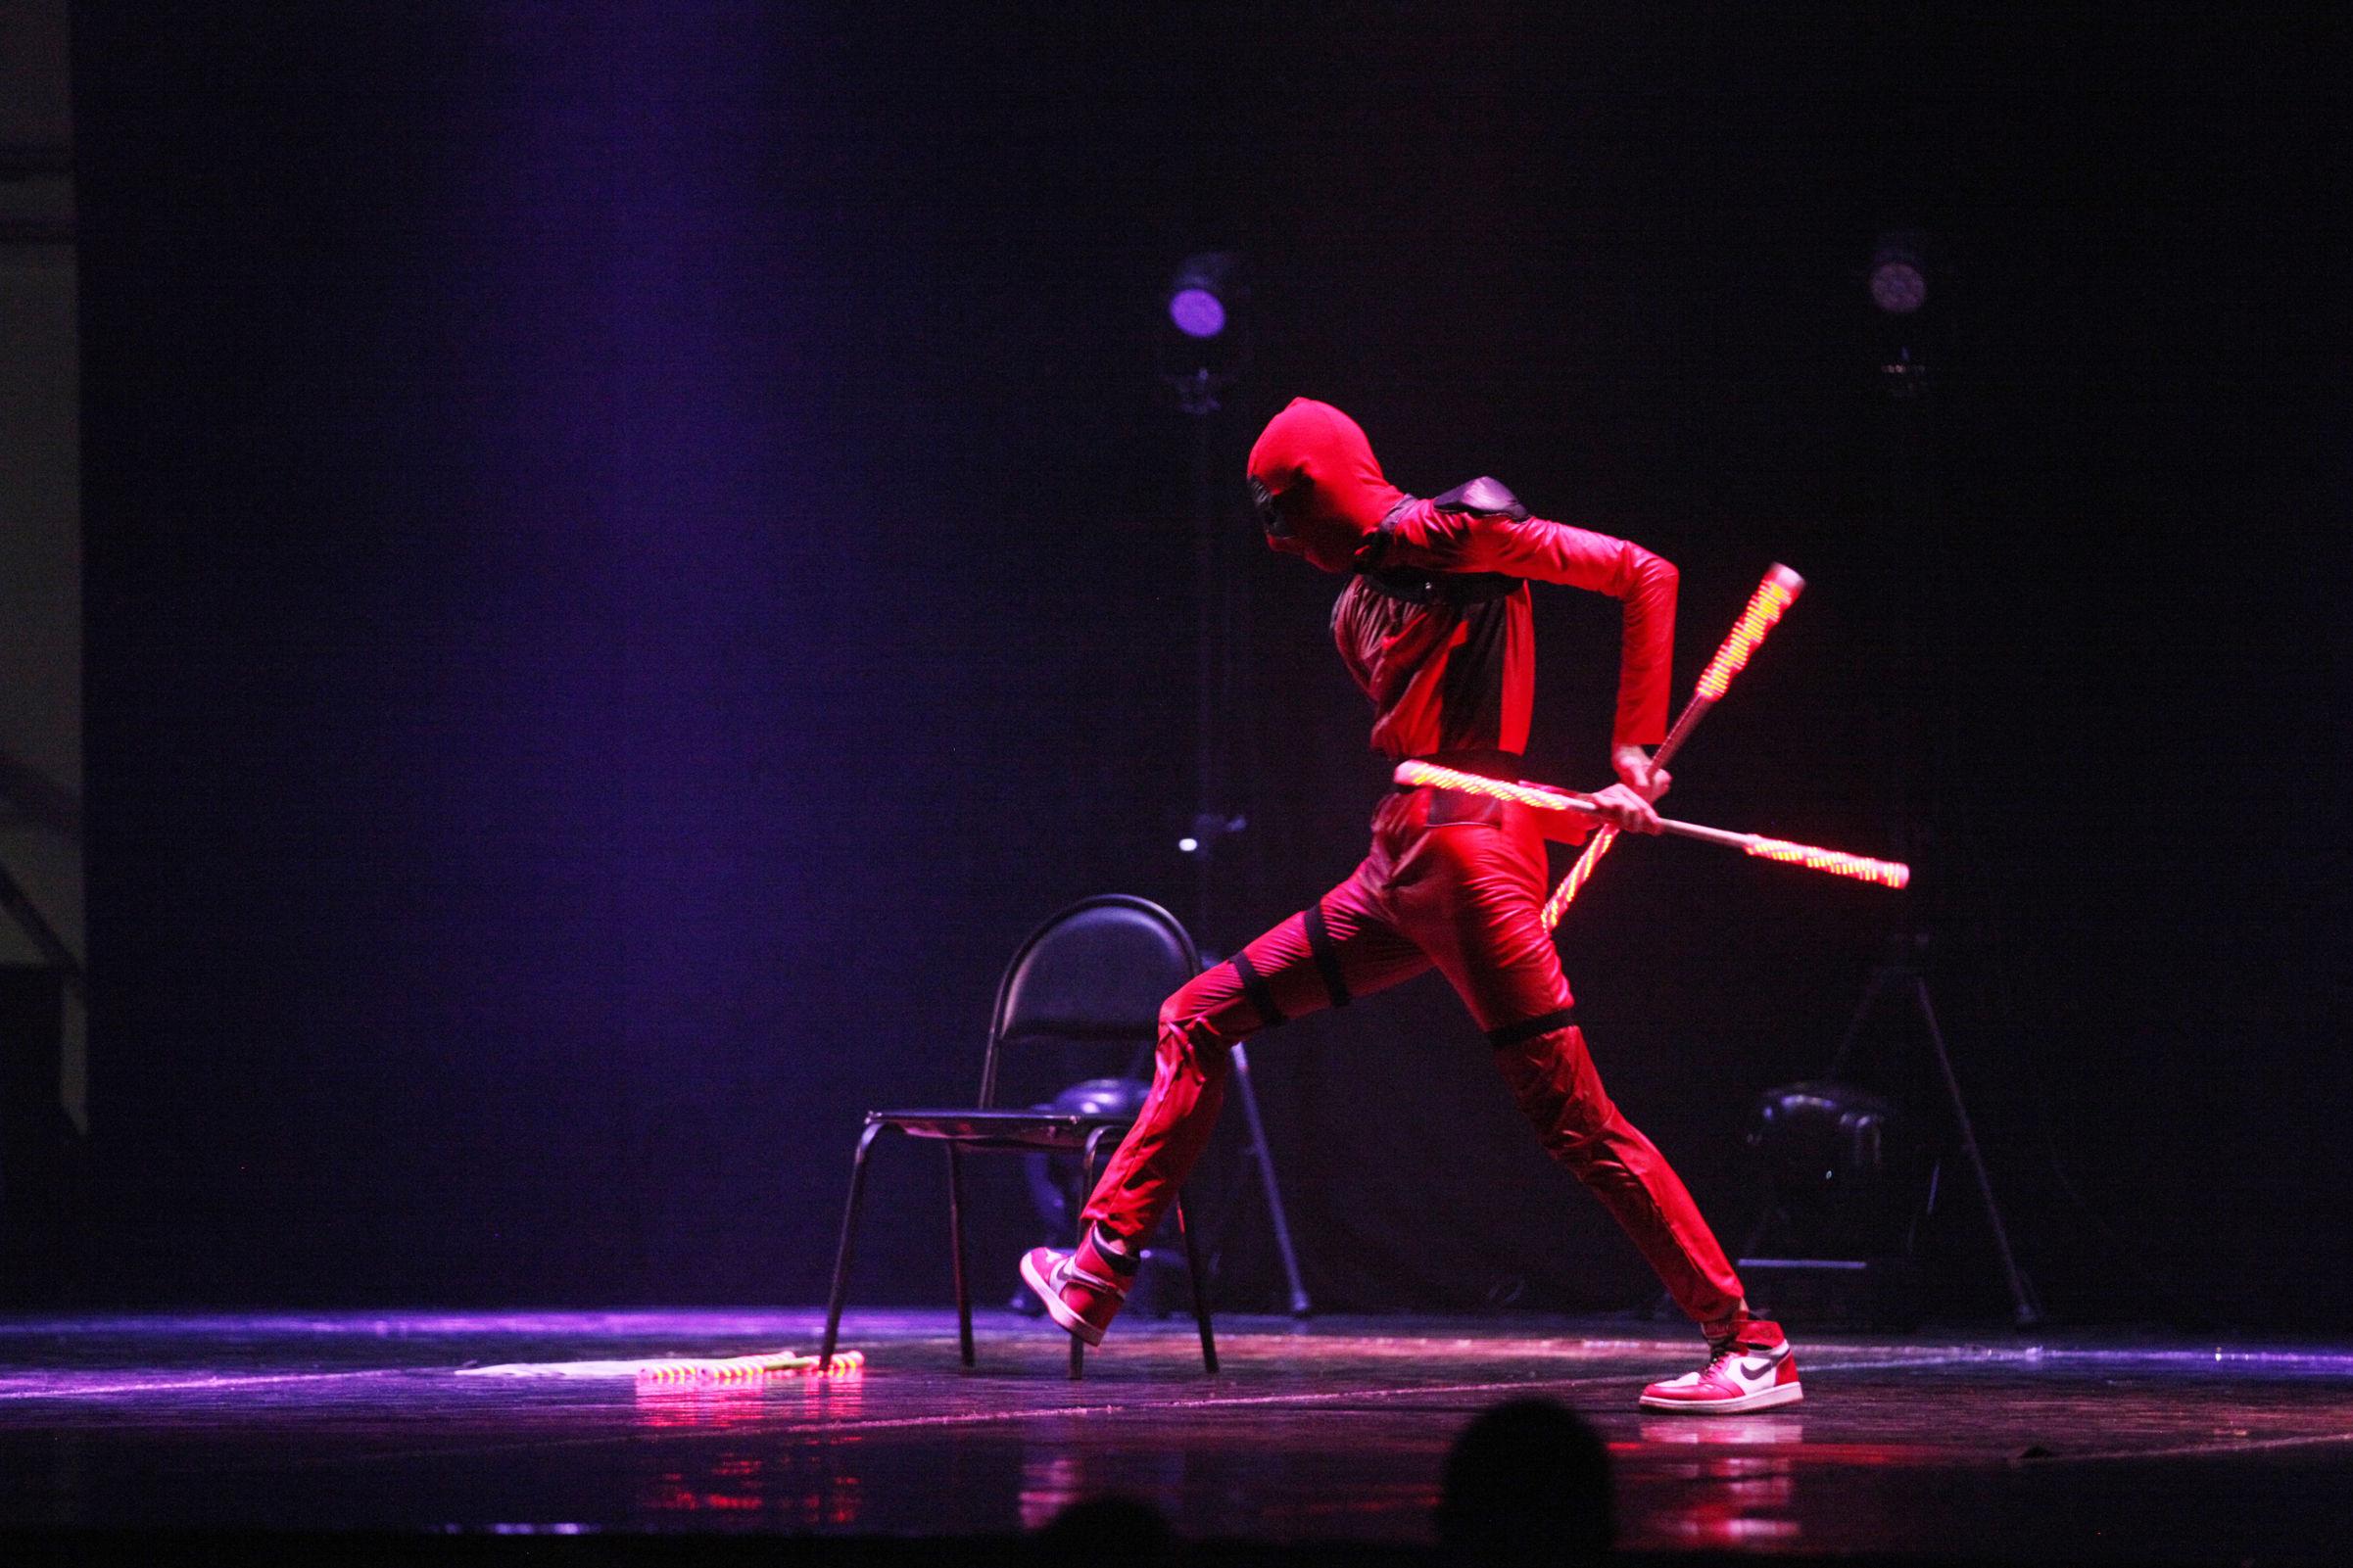 Ярко и жарко! В Ярославле прошел гала-концерт всероссийского фестиваля светового шоу и жонглерского искусства